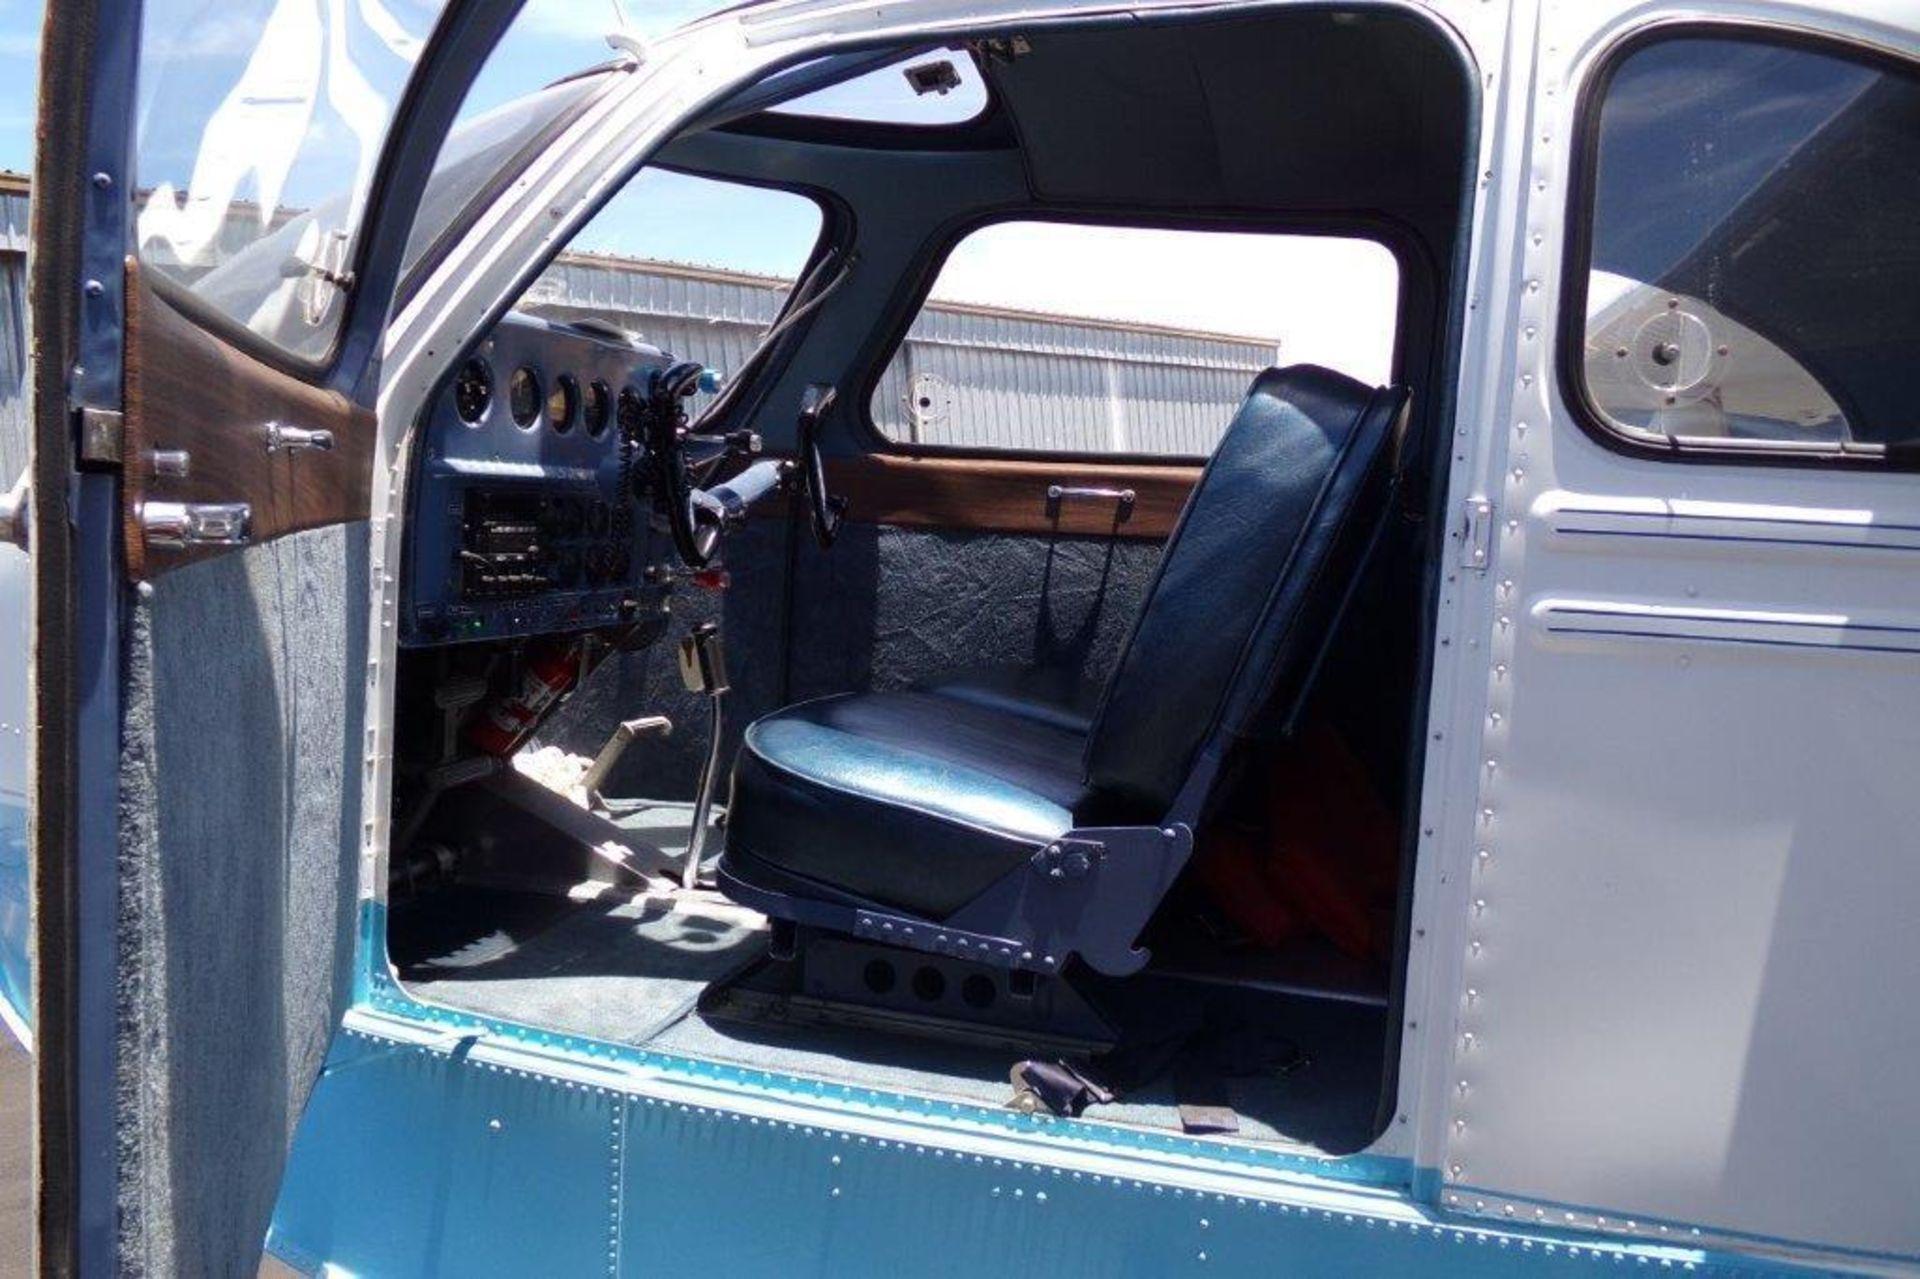 1947 REPUBLIC RC-3 SEA BEE N6518K S/N 784 - Image 12 of 16